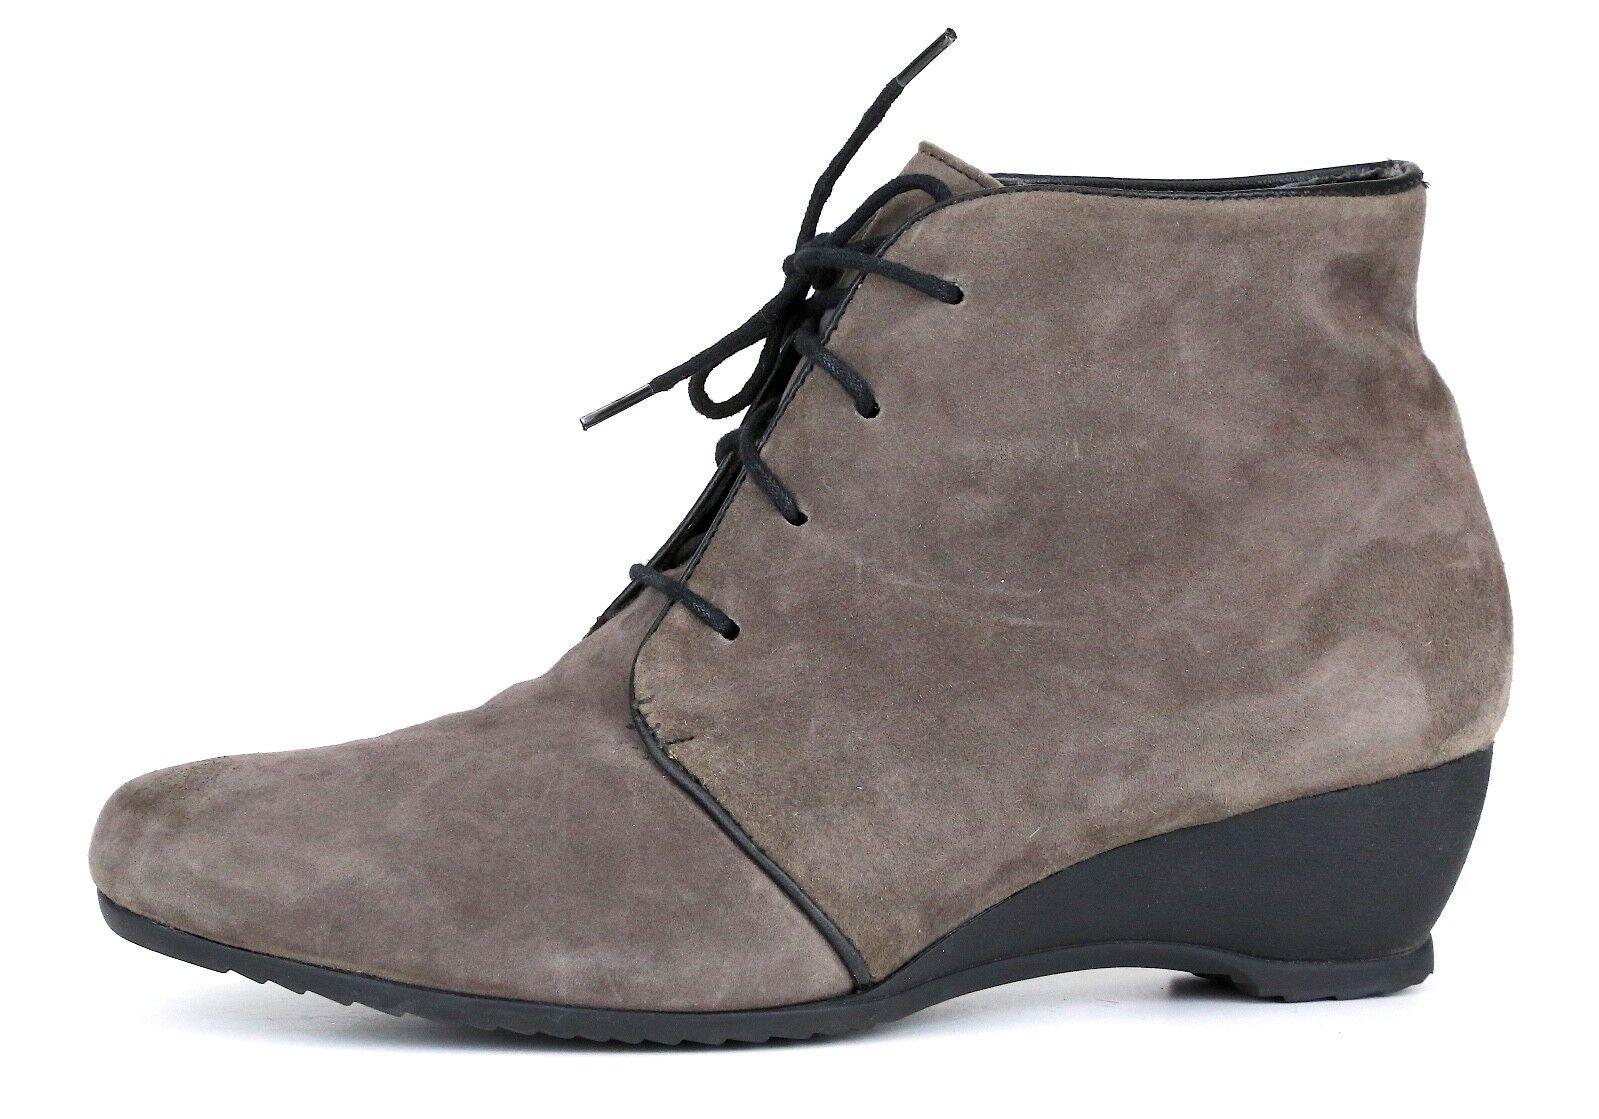 Munro Kara Suede Bootie Grey Donna Sz 6.5 W 5156 *